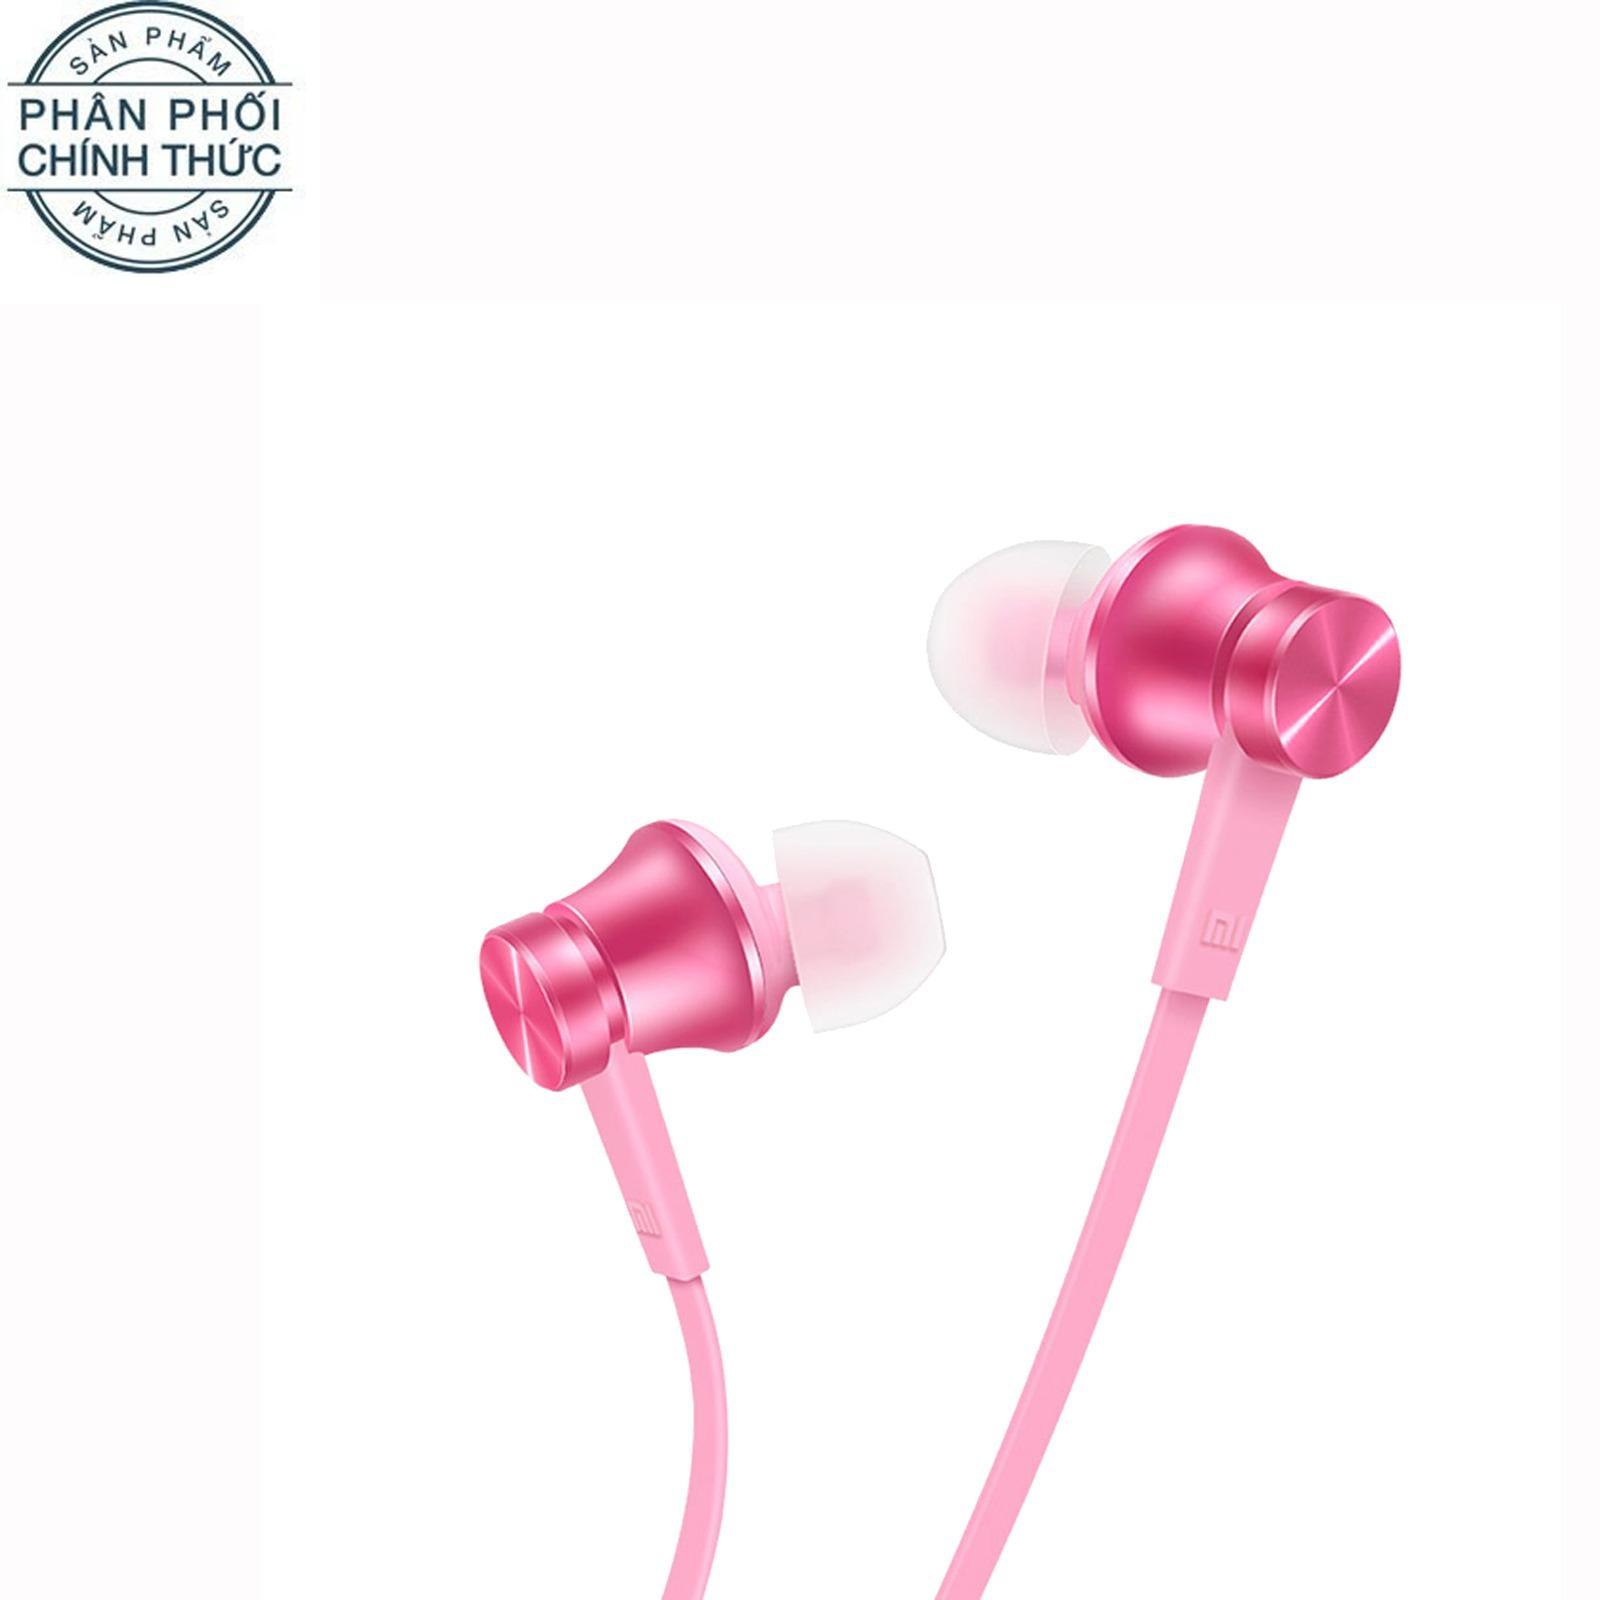 Ôn Tập Tai Nghe Nhet Tai Xiaomi Mi In Ear Headphones Basic 2016 Hồng Hang Phan Phối Chinh Thức Xiaomi Trong Vietnam